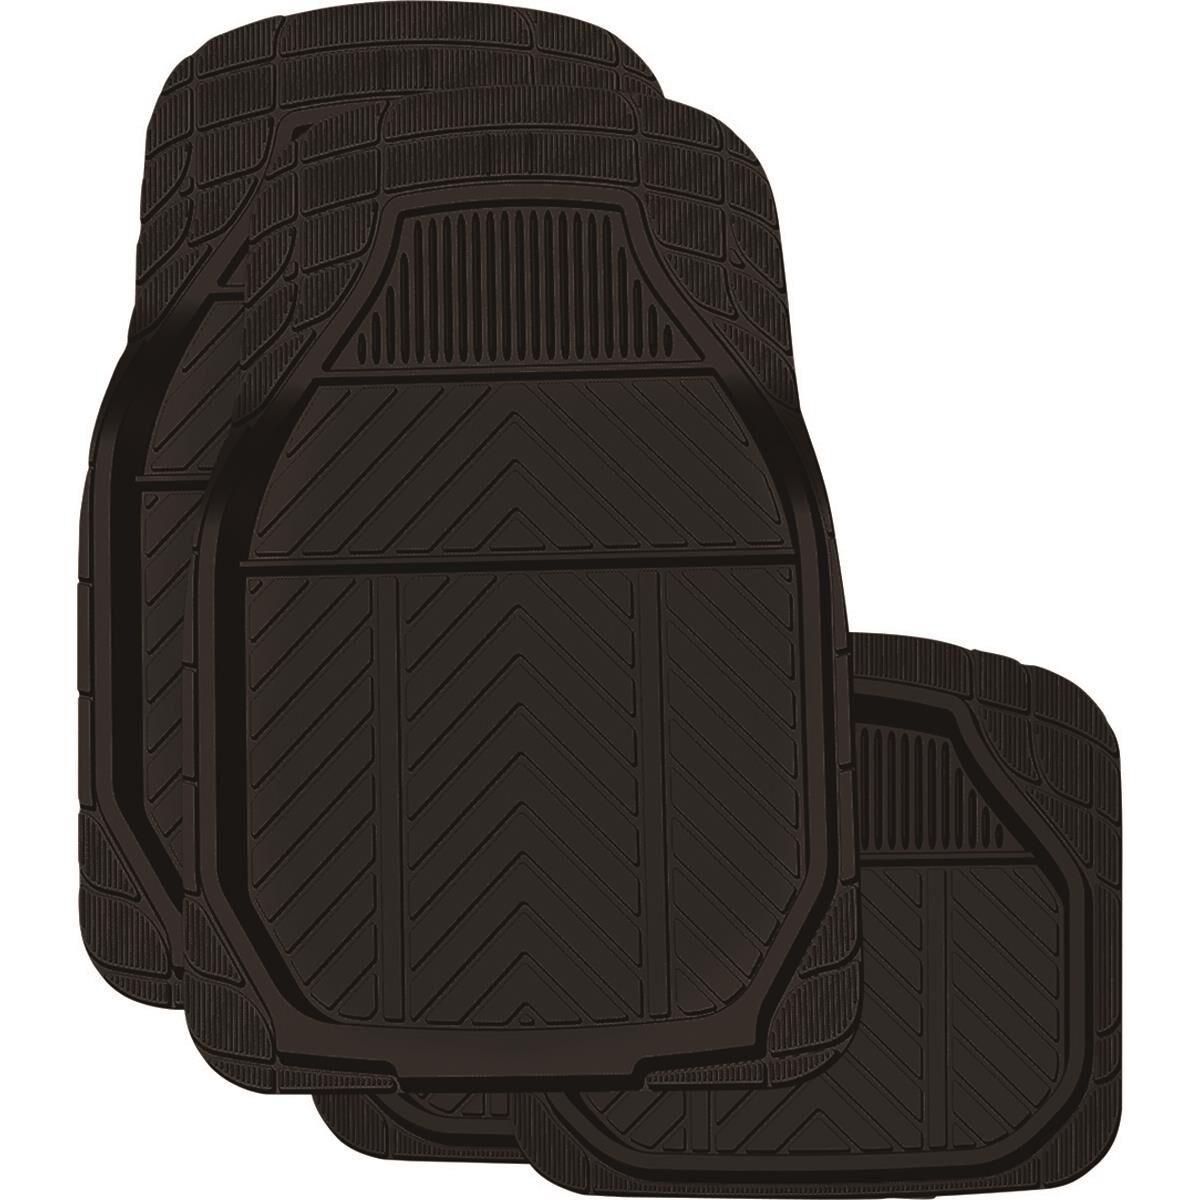 hight resolution of ridge ryder deep dish car floor mats rubber black set of 4 supercheap auto